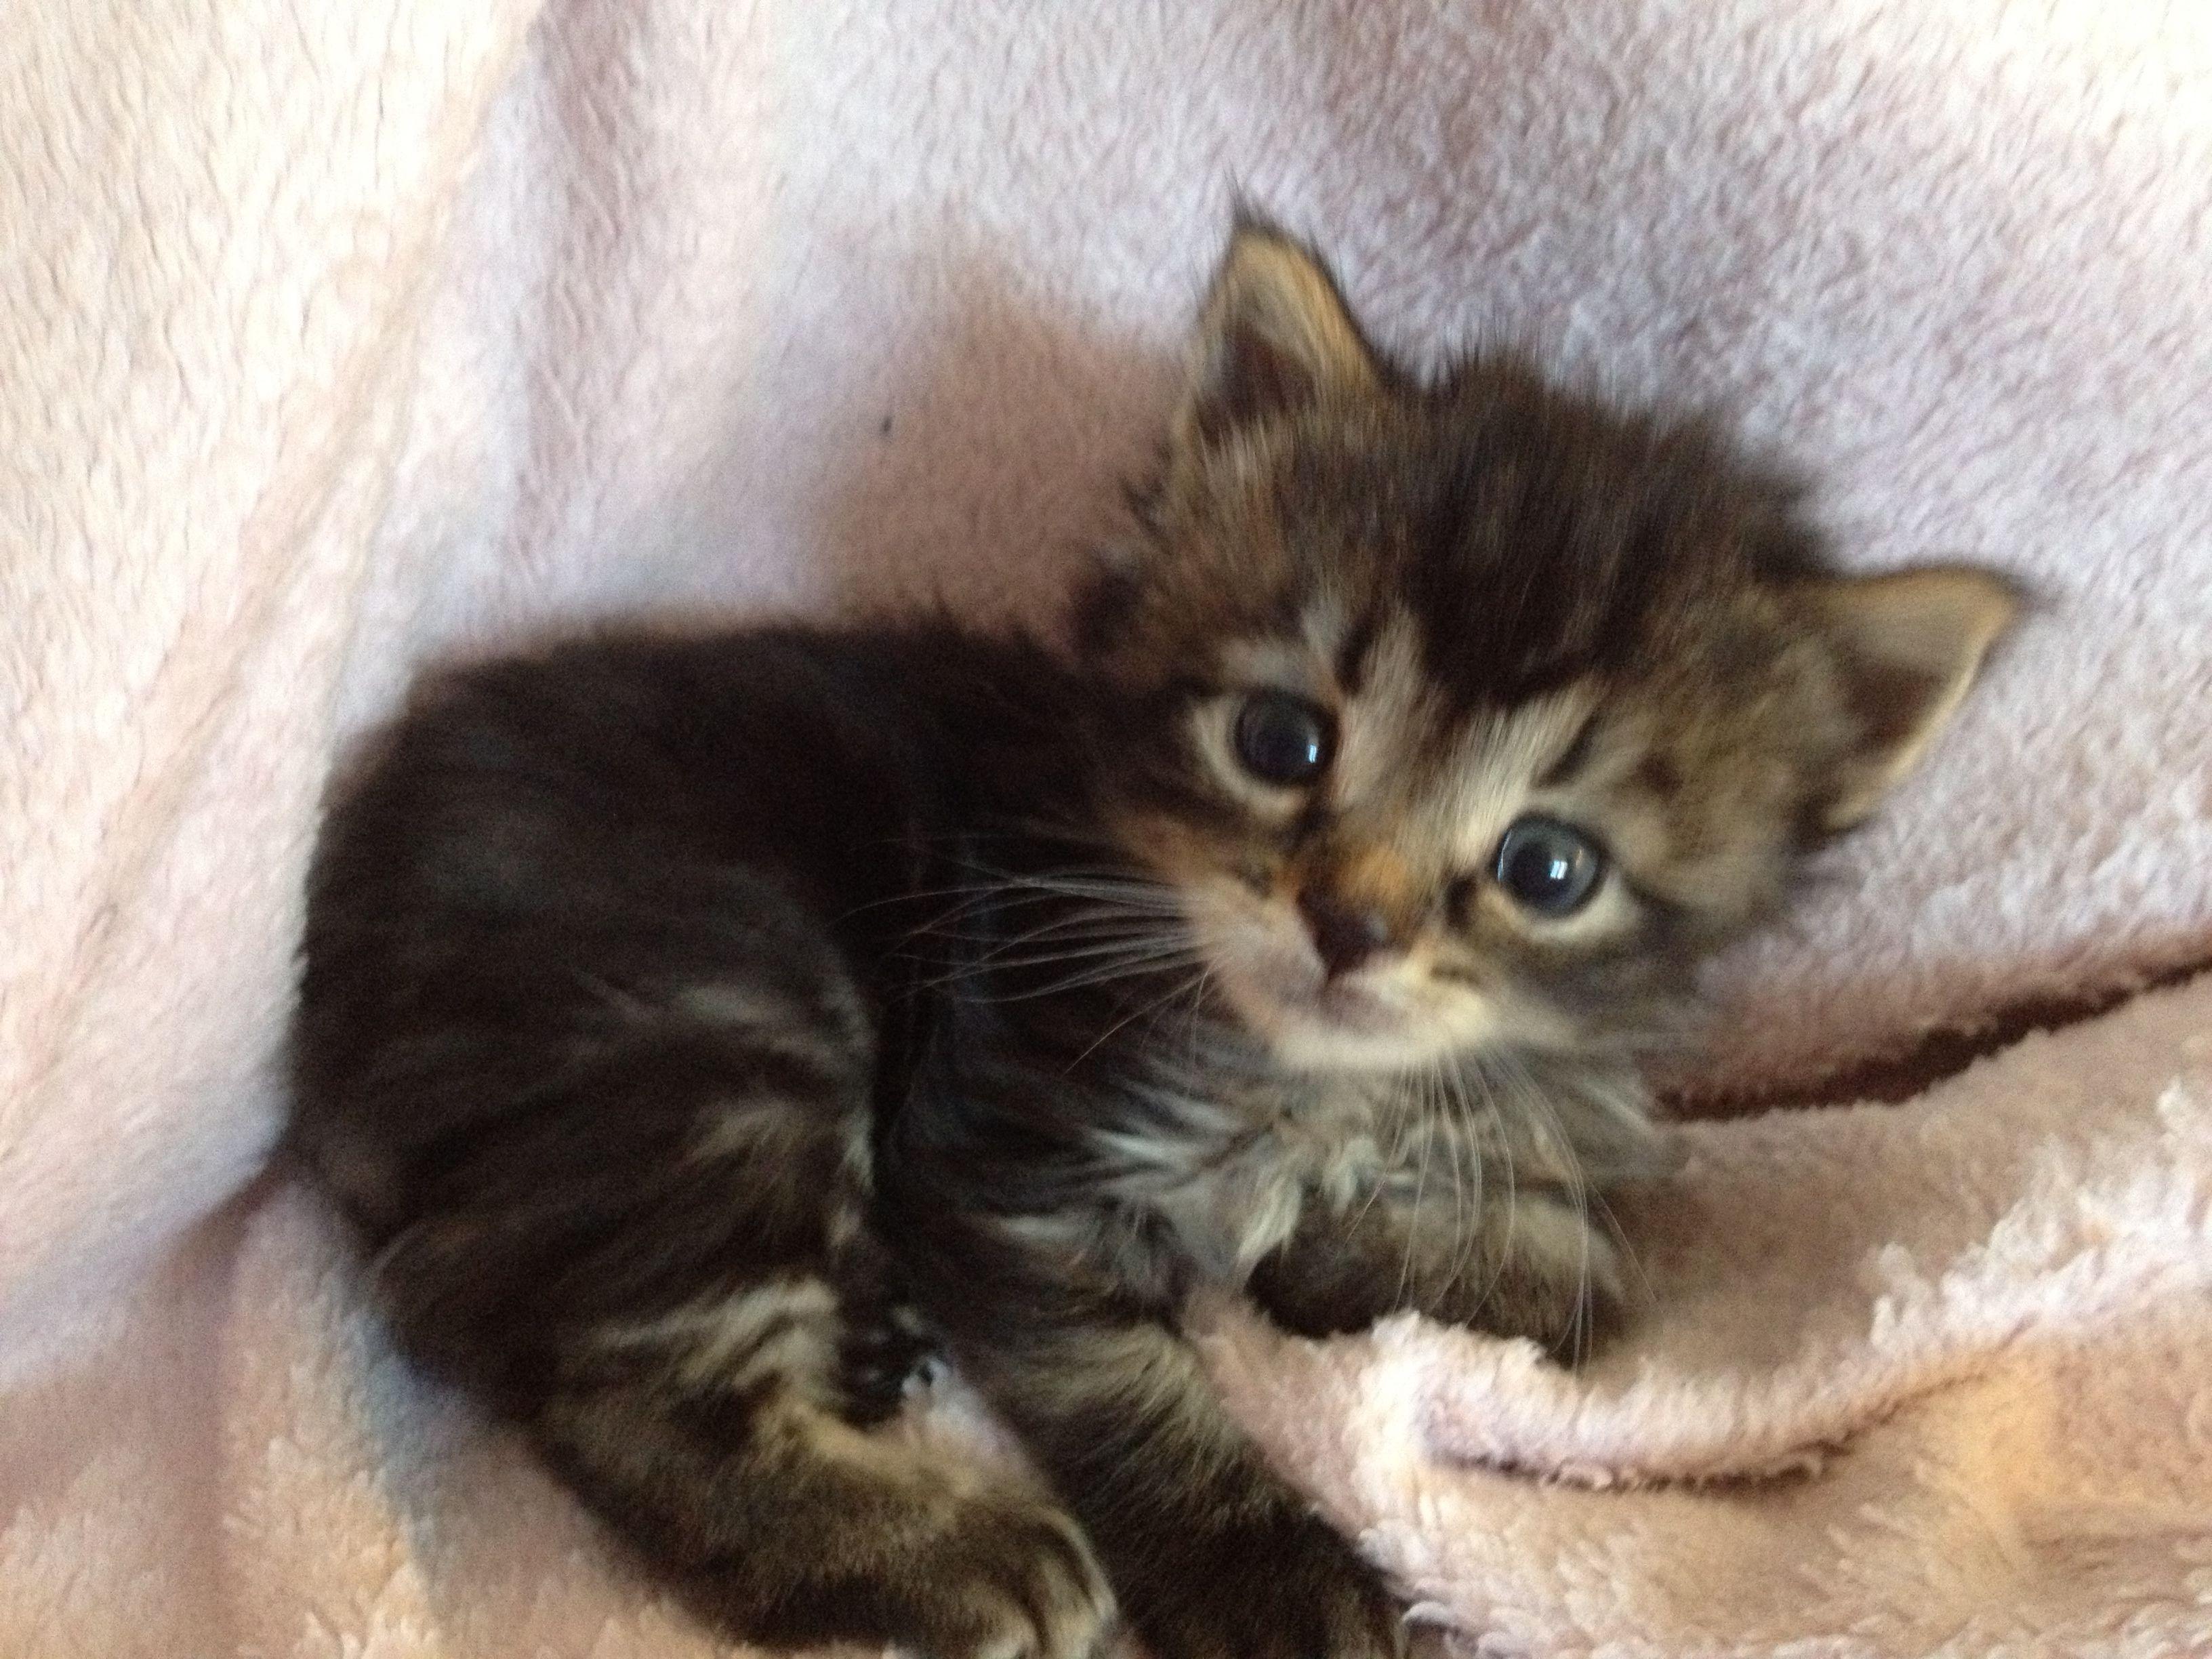 3 week old barn kitten. So cute!